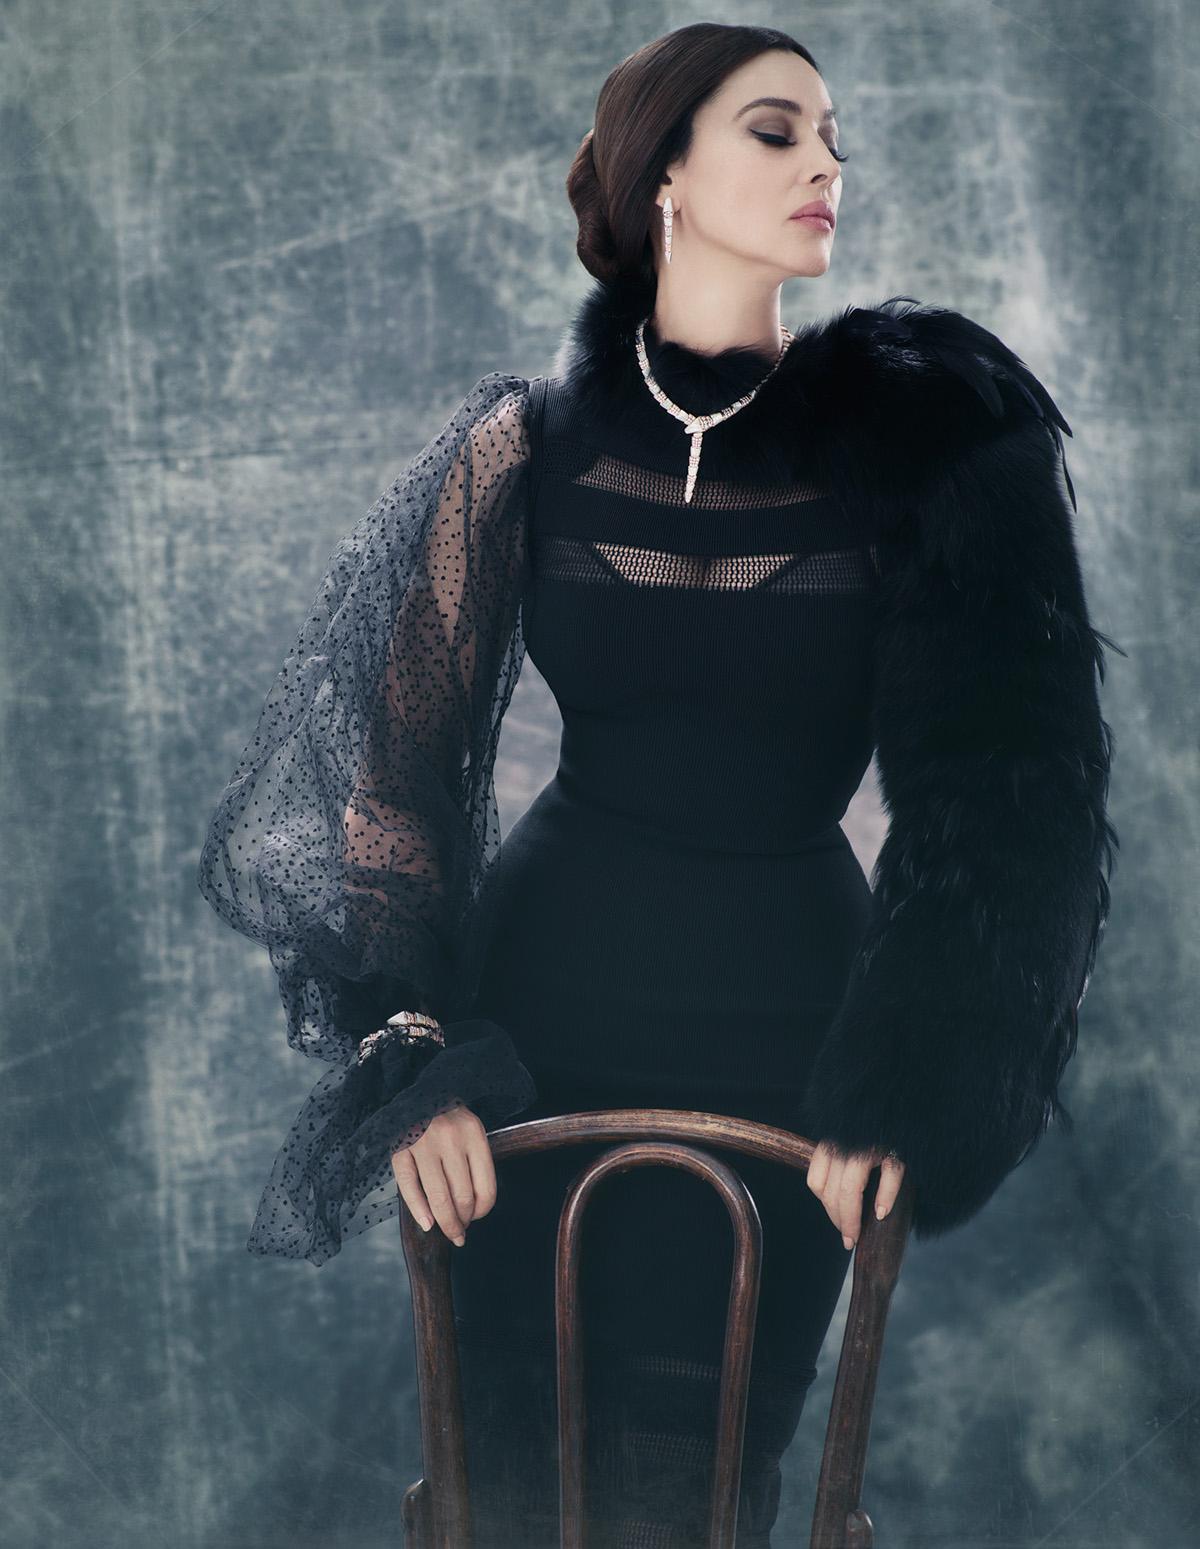 Prächtige Monica Bellucci begeisterte den Bewunderer mit einem neuen Fotoshooting.